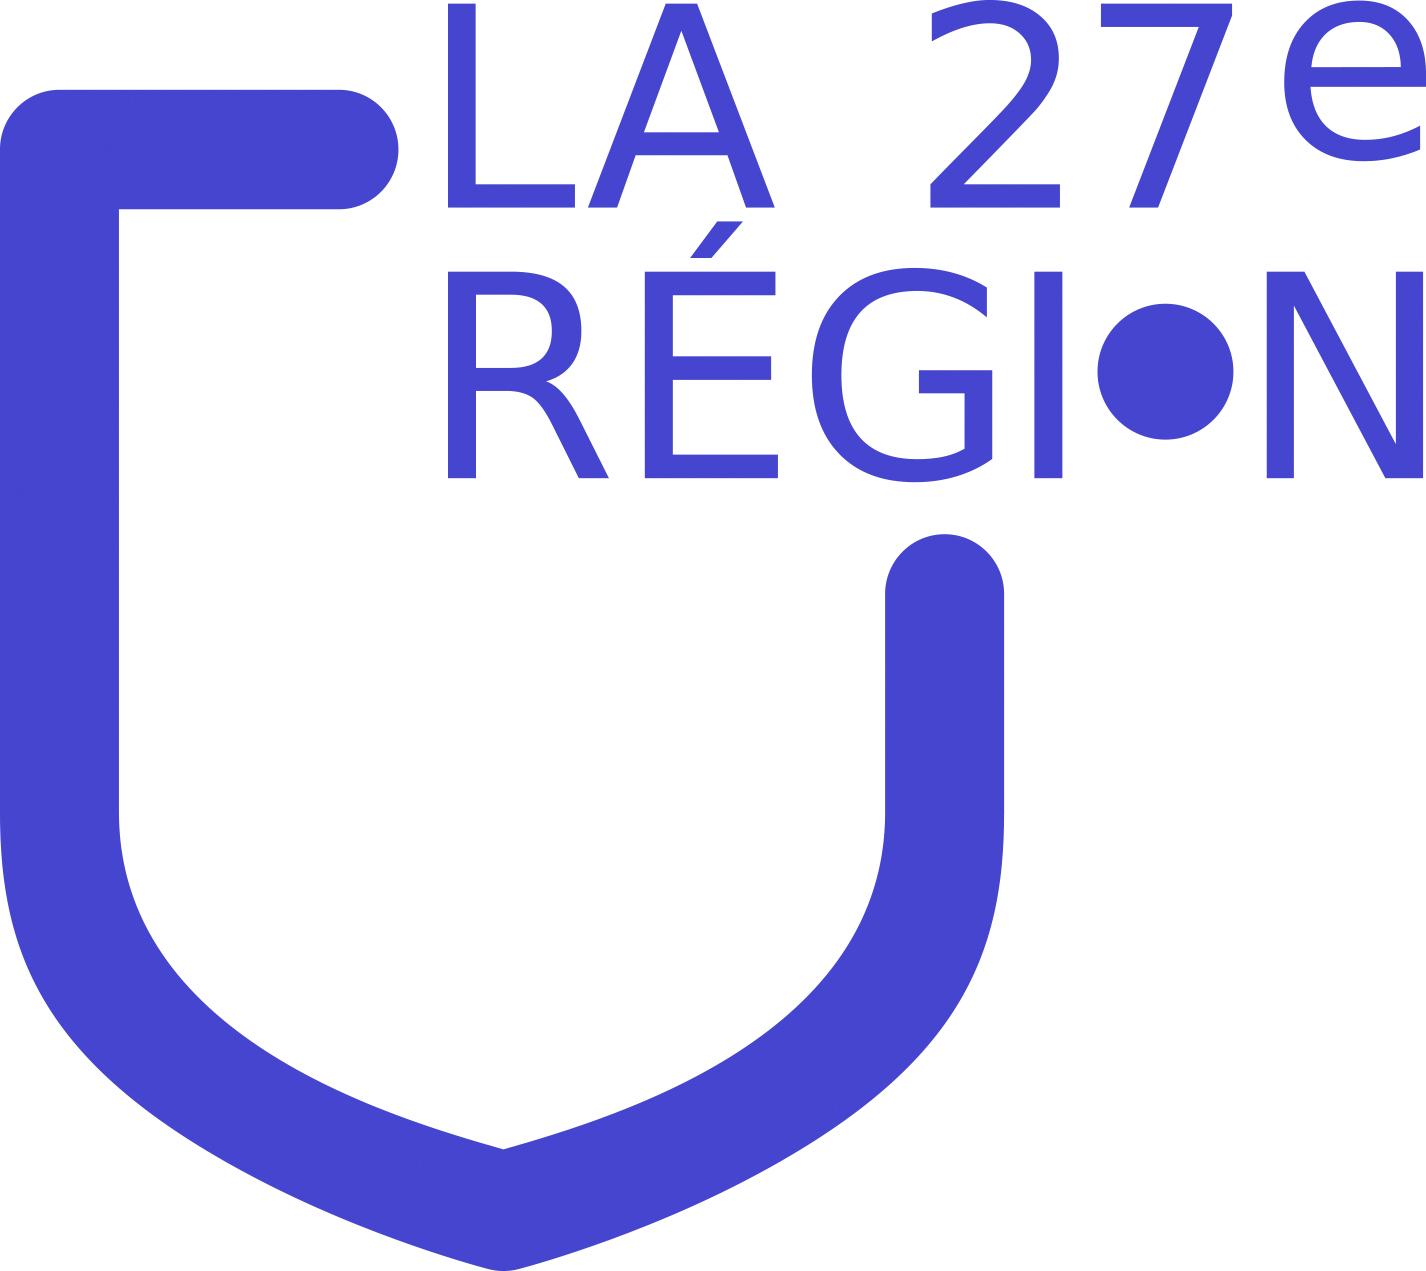 27e-LOGO-texte-vecto BLEU